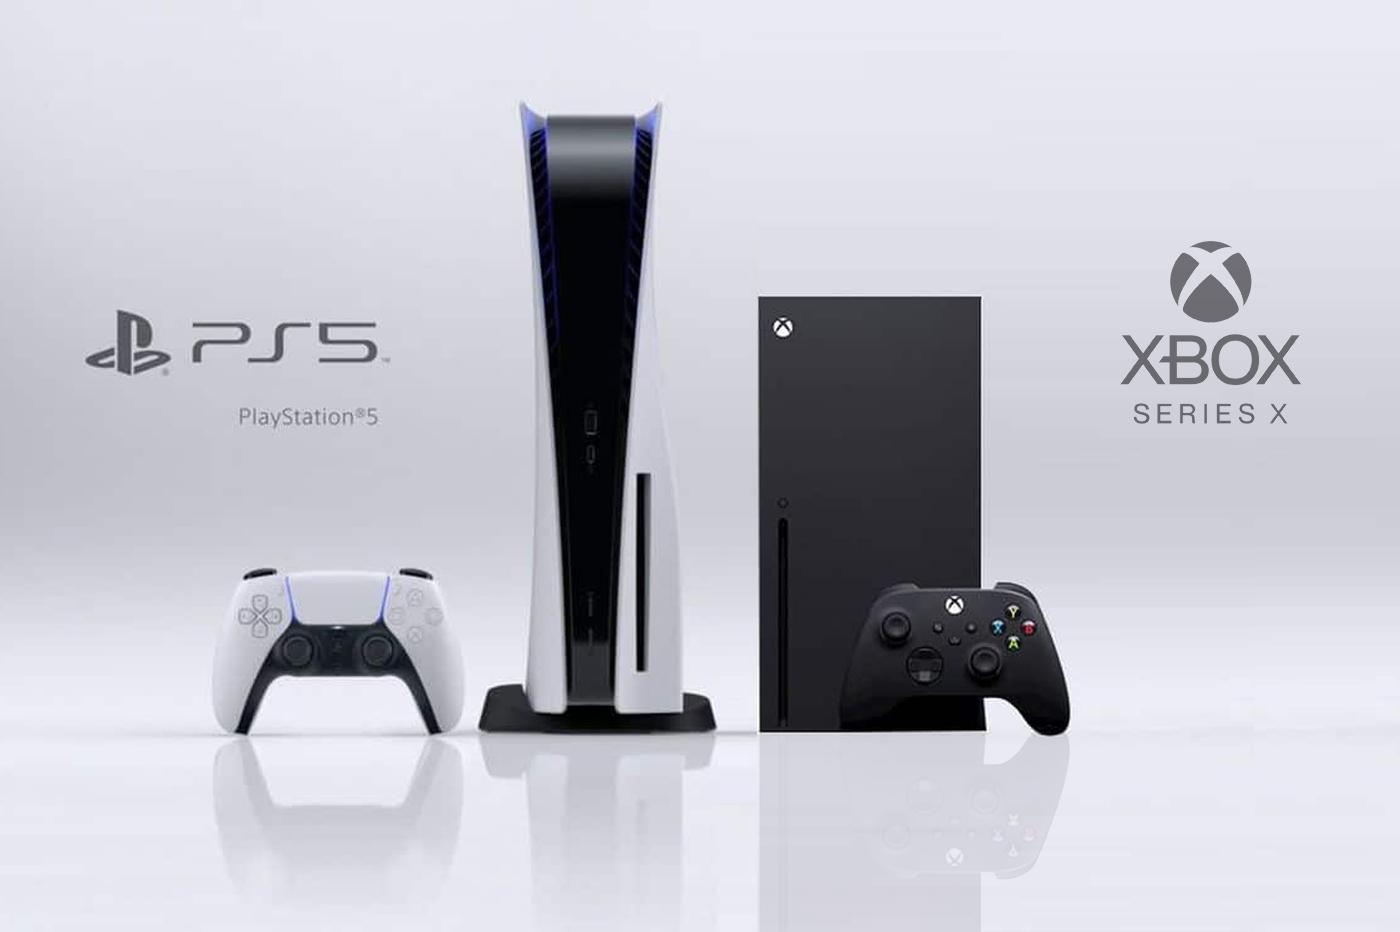 Lancement des consoles PlayStation 5 Xbox Series X